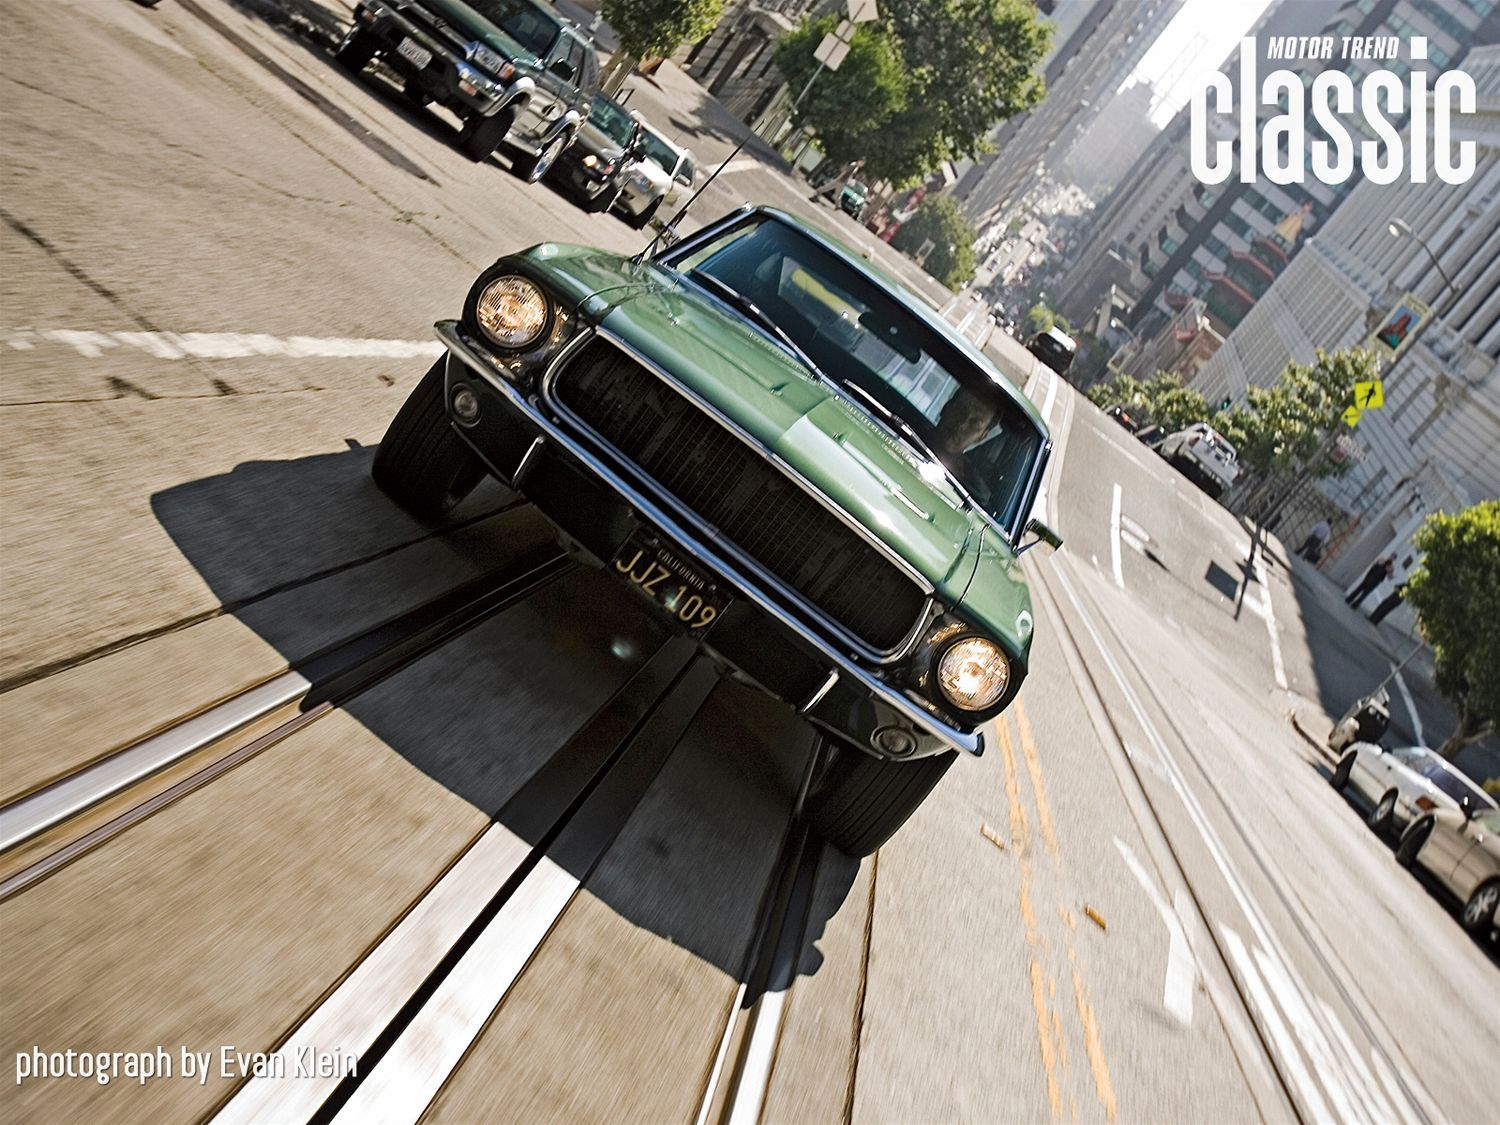 1968 Ford Mustang Gt 390 Bullitt Replica Wallpaper Gallery Ford Mustang Gt Ford Mustang Mustang Gt